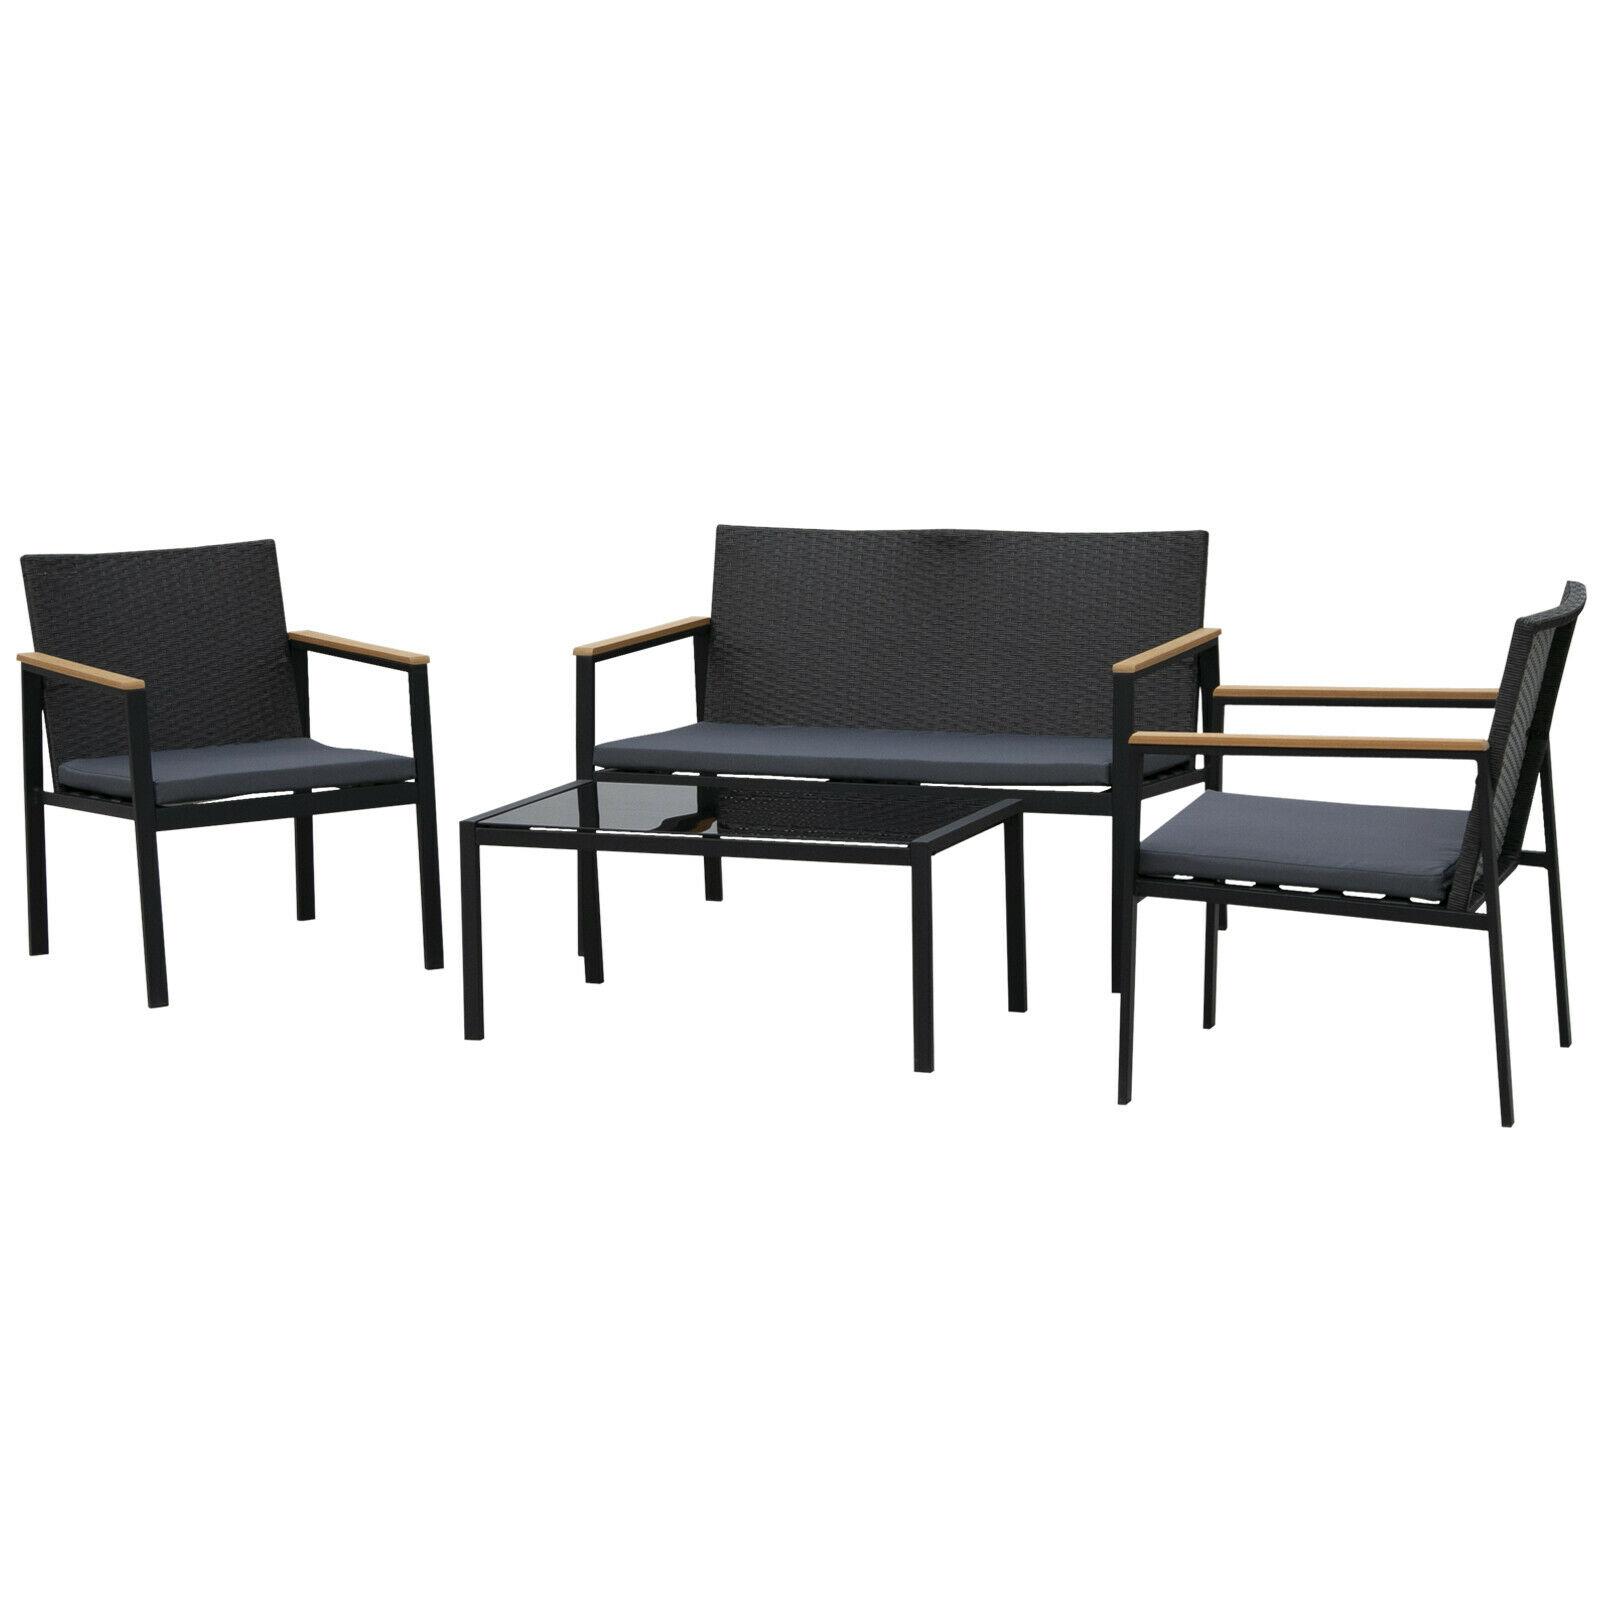 Bild zu 4-teilige Rattan Garten-Sitzgruppe für 134,91€ (Vergleich: 161,91€)